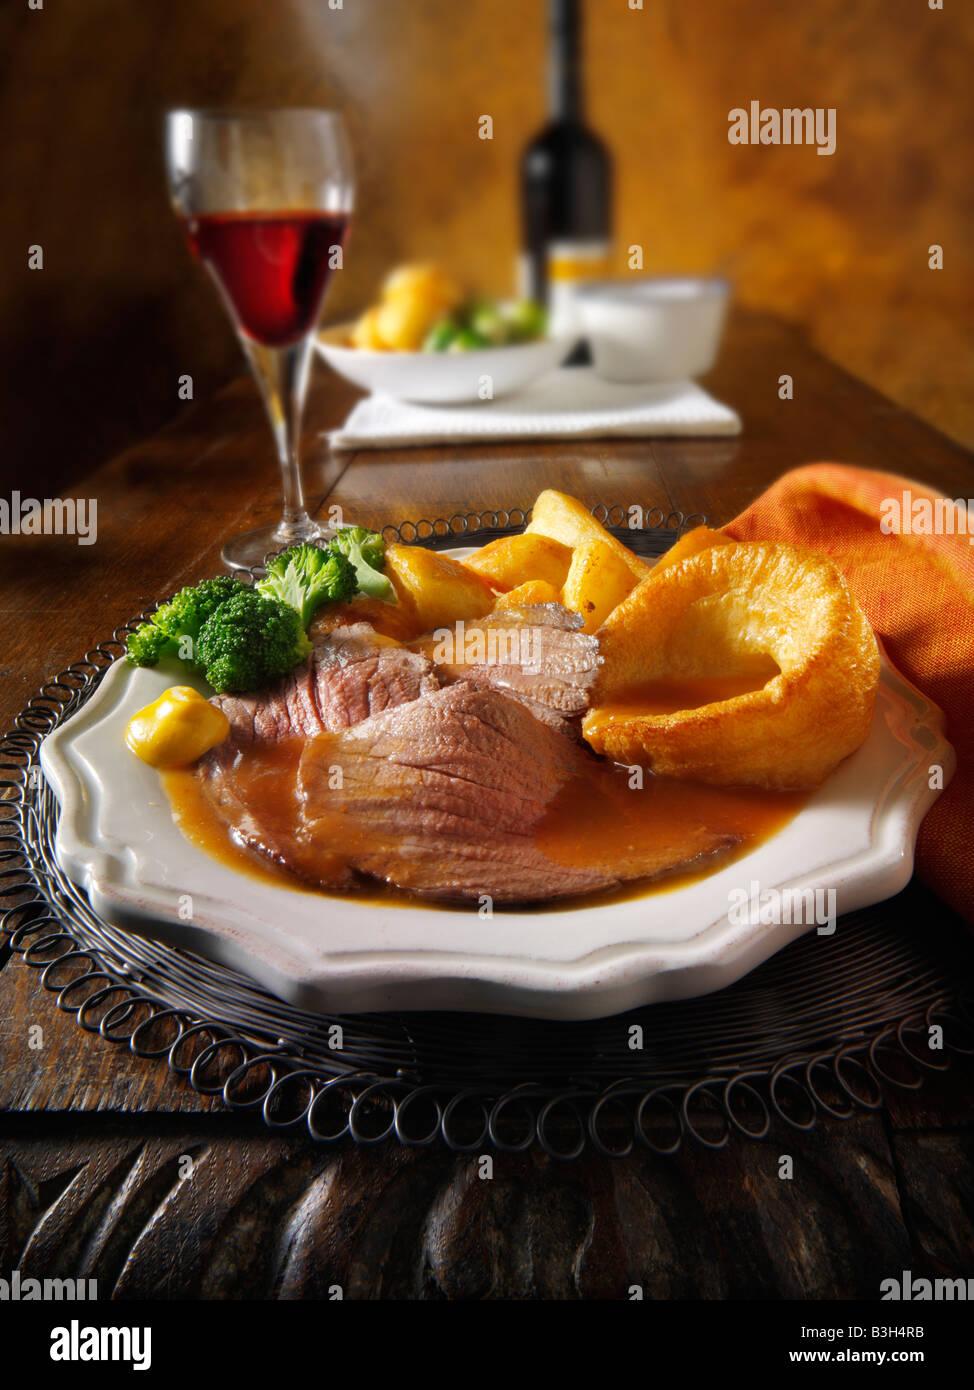 Asado tradicional británico cena con asado de ternera, patatas asadas, pudin de Yorkshire. 21 días colgado Imagen De Stock